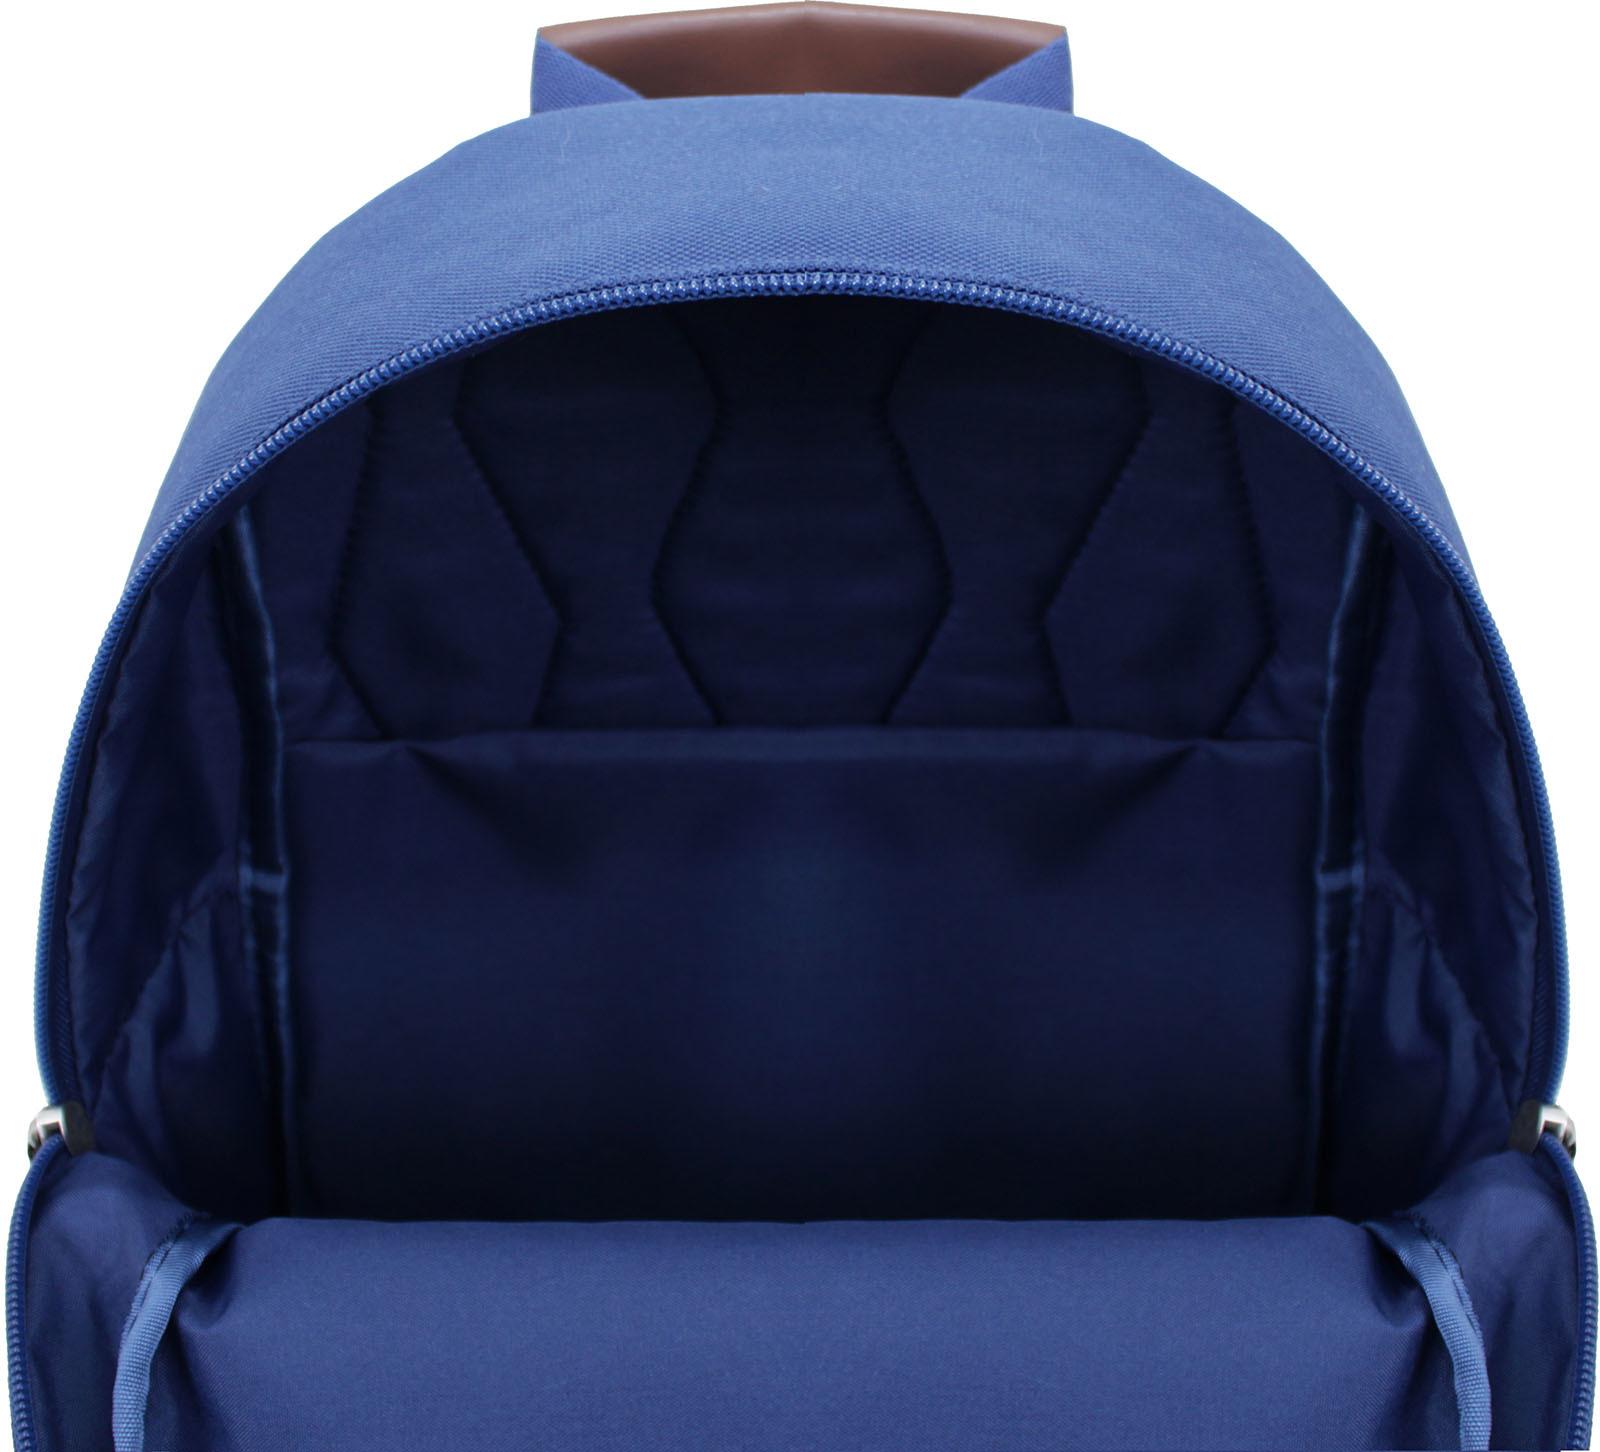 Рюкзак Bagland Frost 13 л. синий (00540663) фото 4